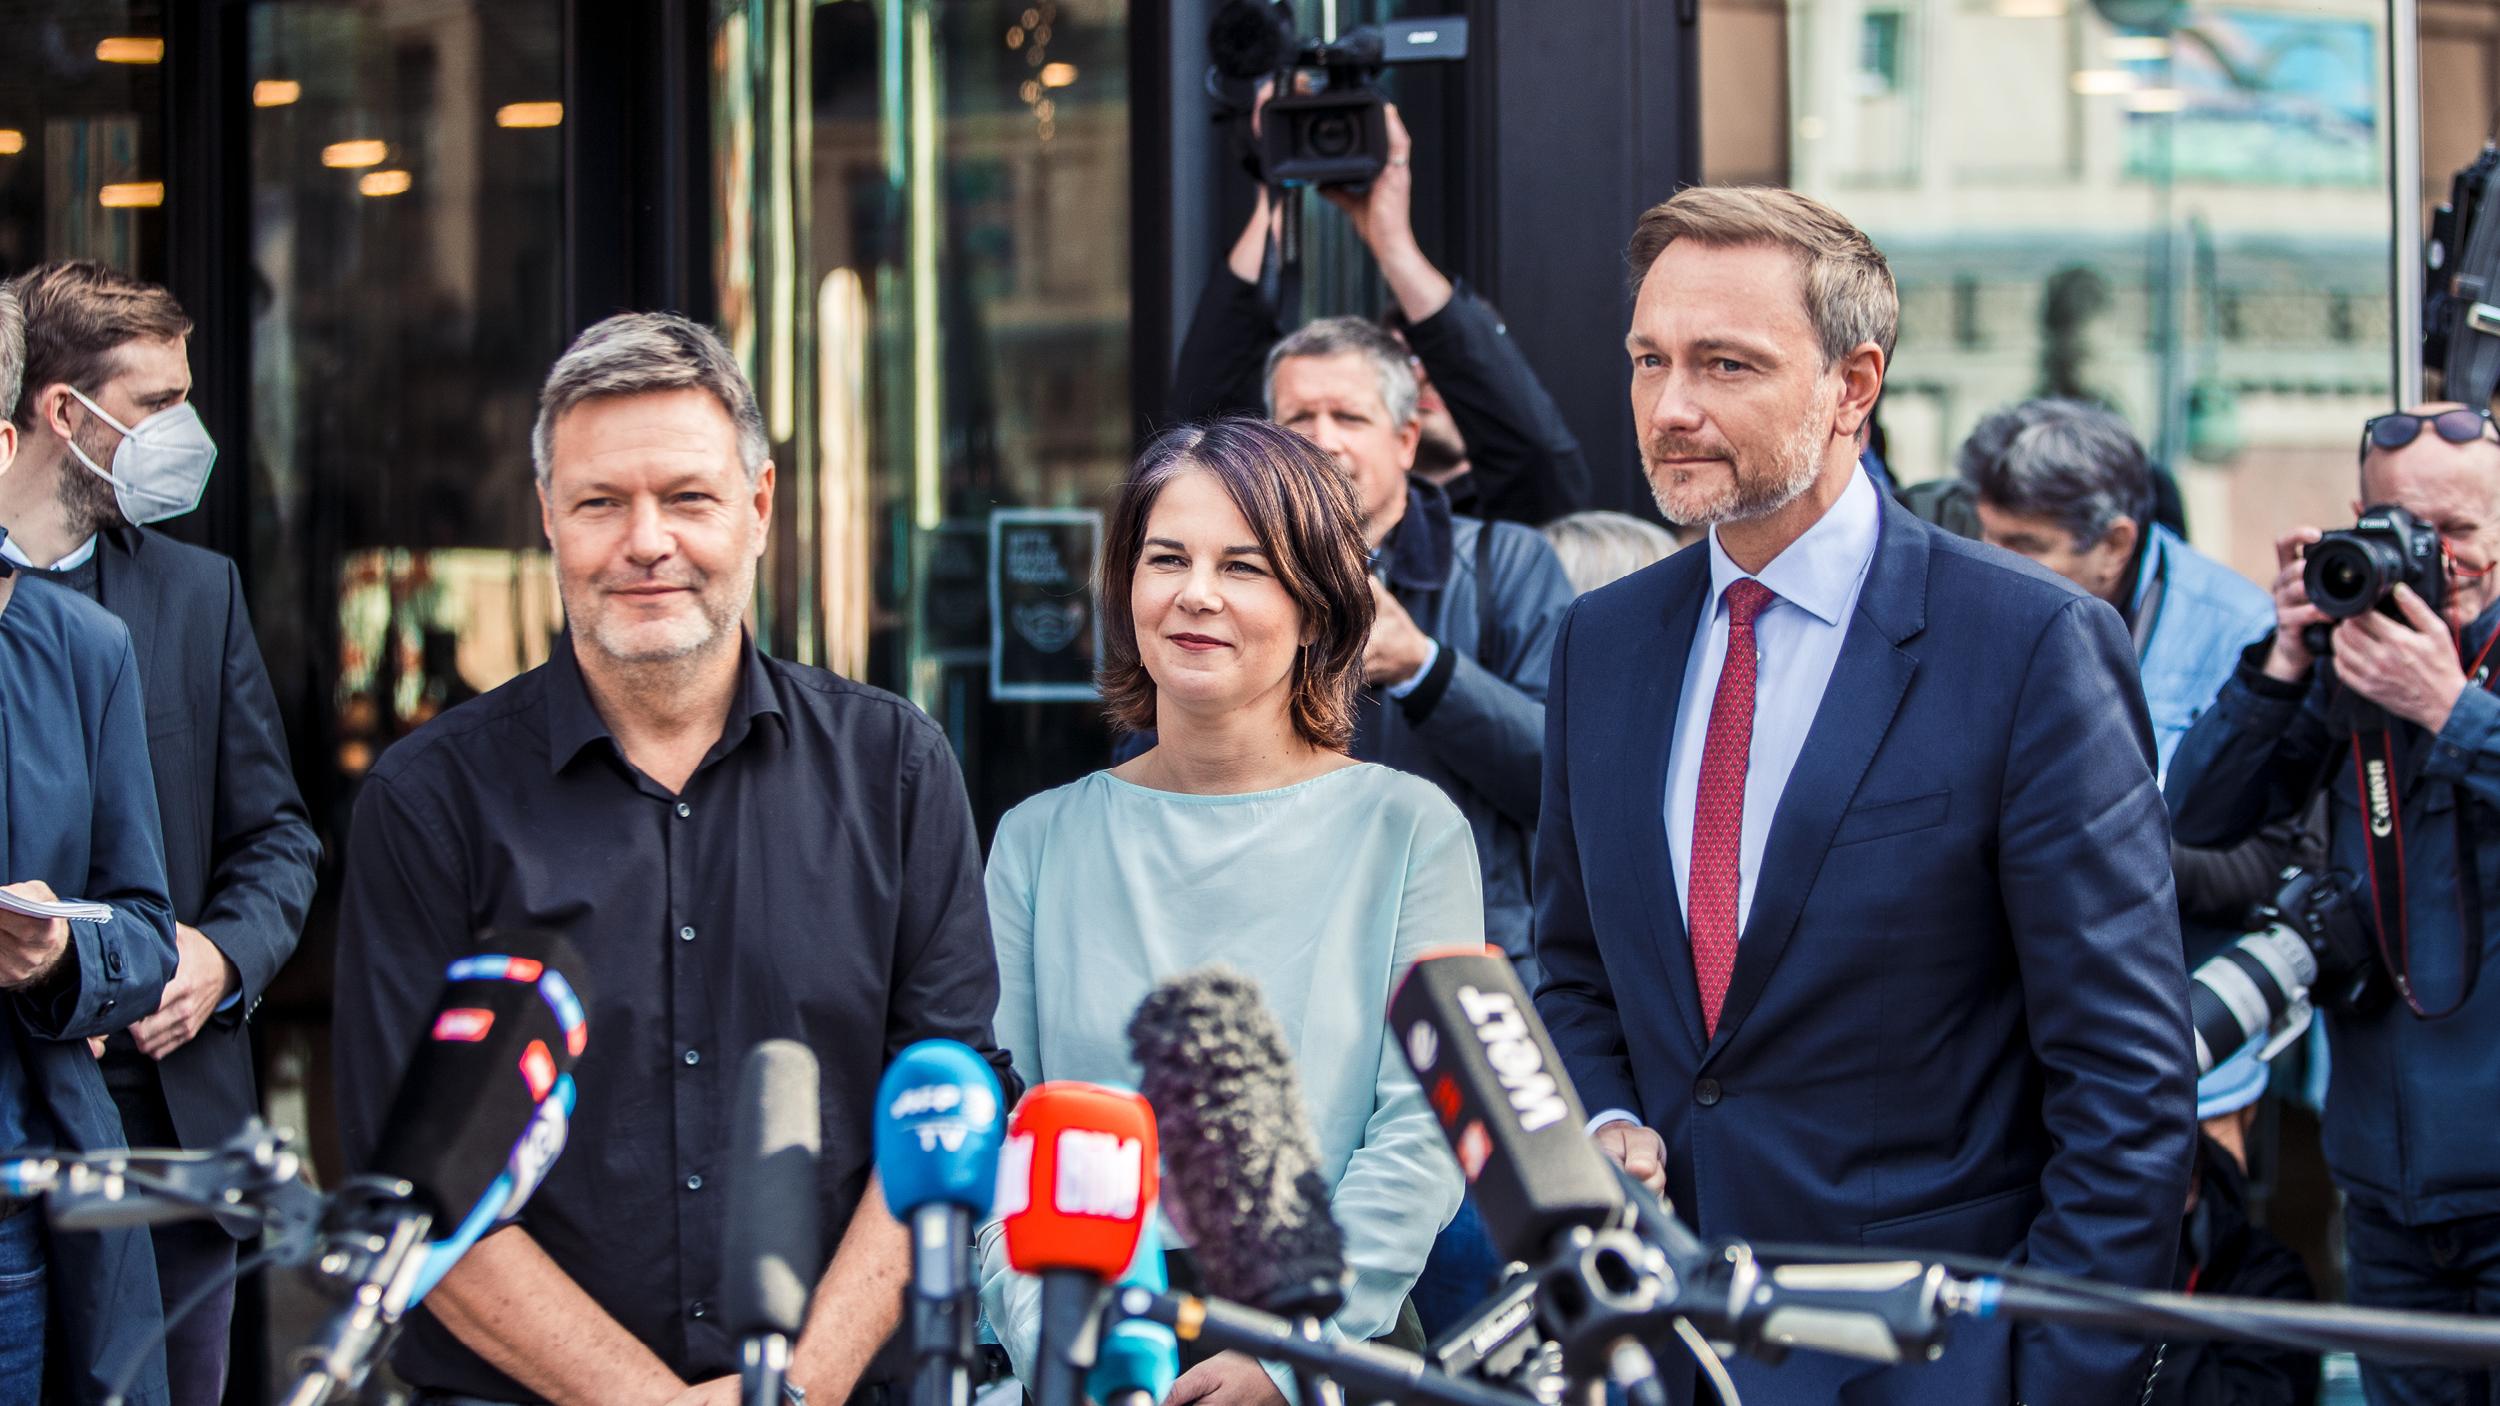 Von links nach rechts stehen Robert Habeck, Annalena Baerbock und Christian Lindner vor Mikrophonen. Sie sind umgeben von Journalist*innen, Kameraleuten und Fotograf*innen.